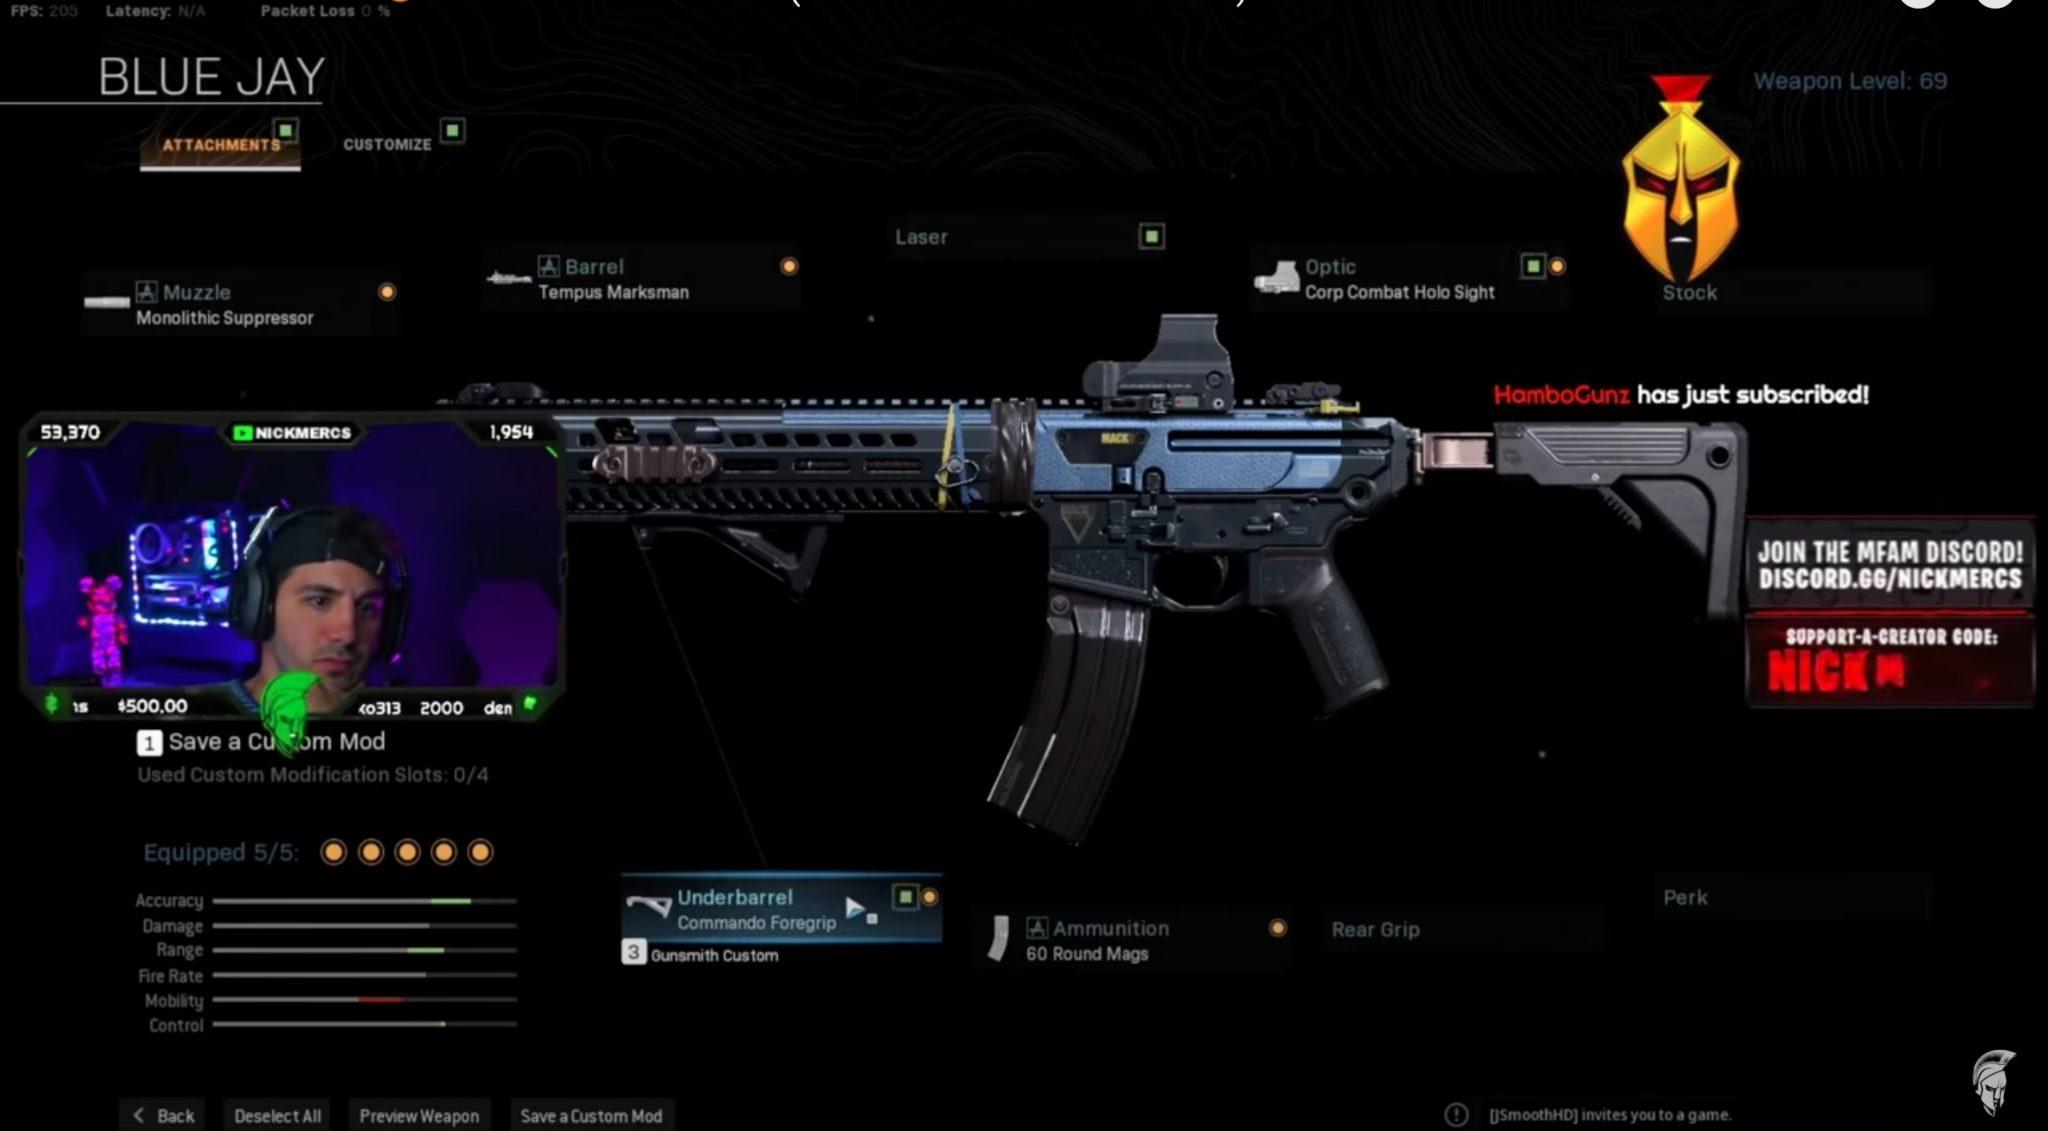 nickmercs warzone M13 loadout